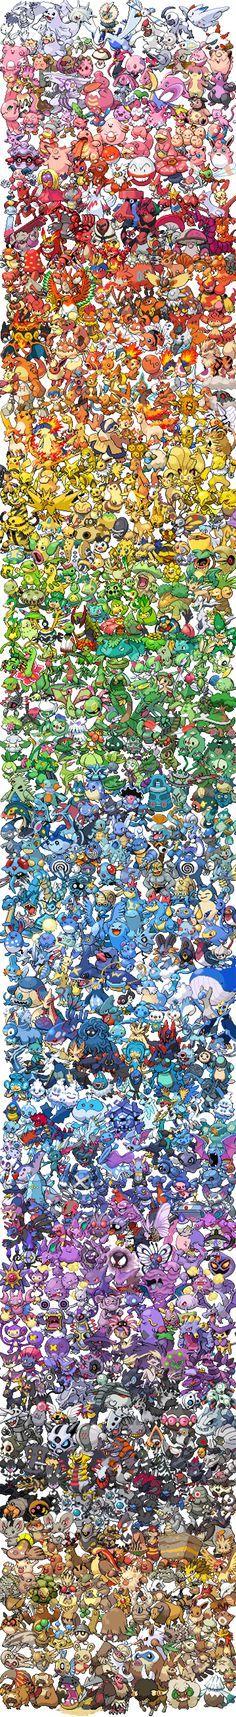 Temos que pegar todos... Pokémon.